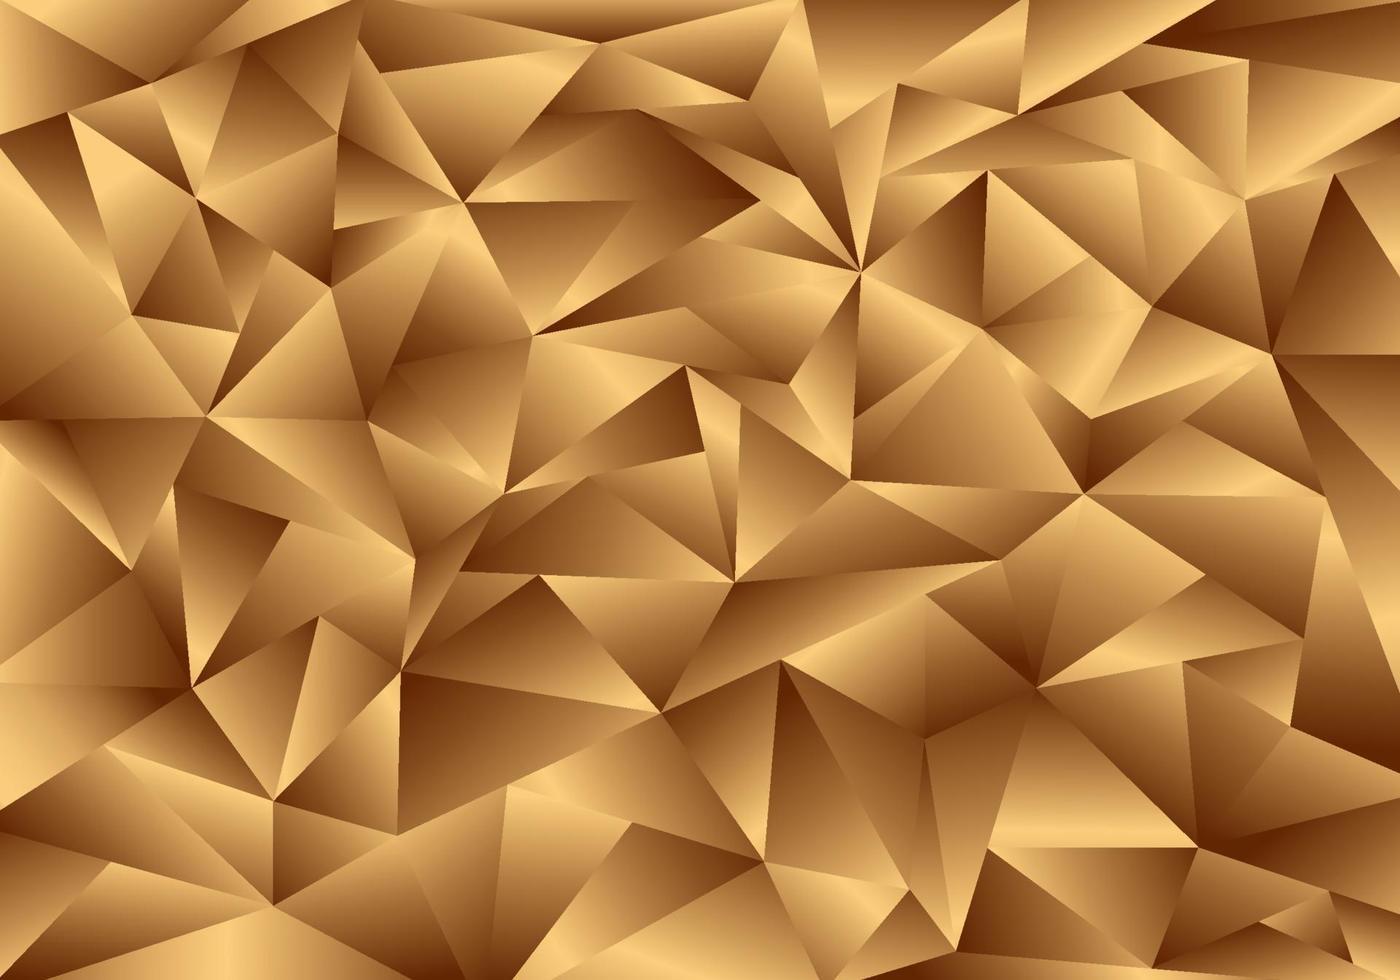 Fundo e textura dourados do polígono 3D. padrão de baixo poli ouro. vetor